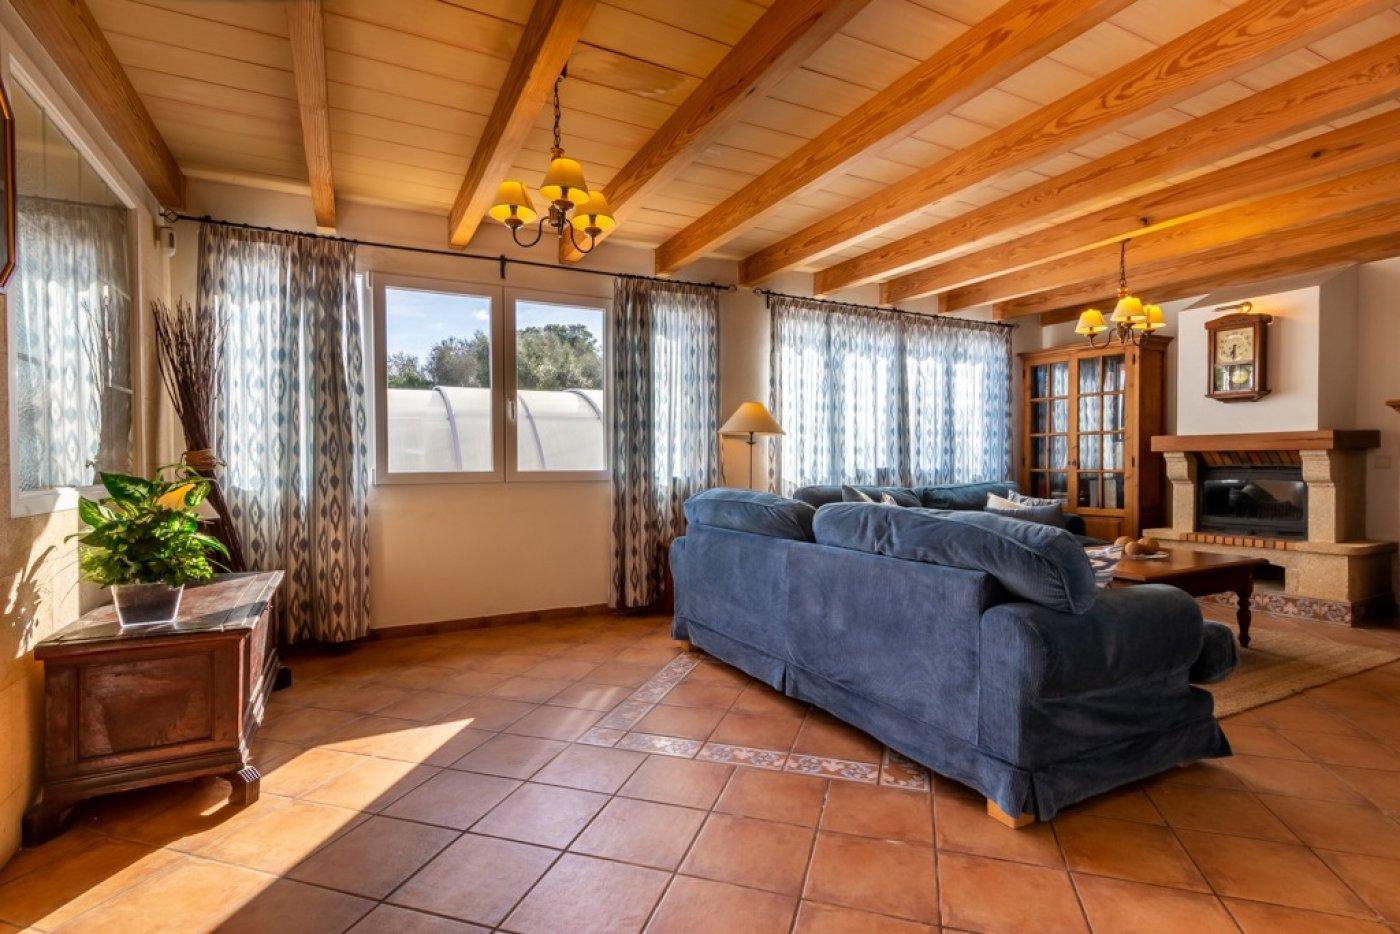 Magnifica villa en ses salines - can somni - ideal inversores turÍsticos - imagenInmueble18